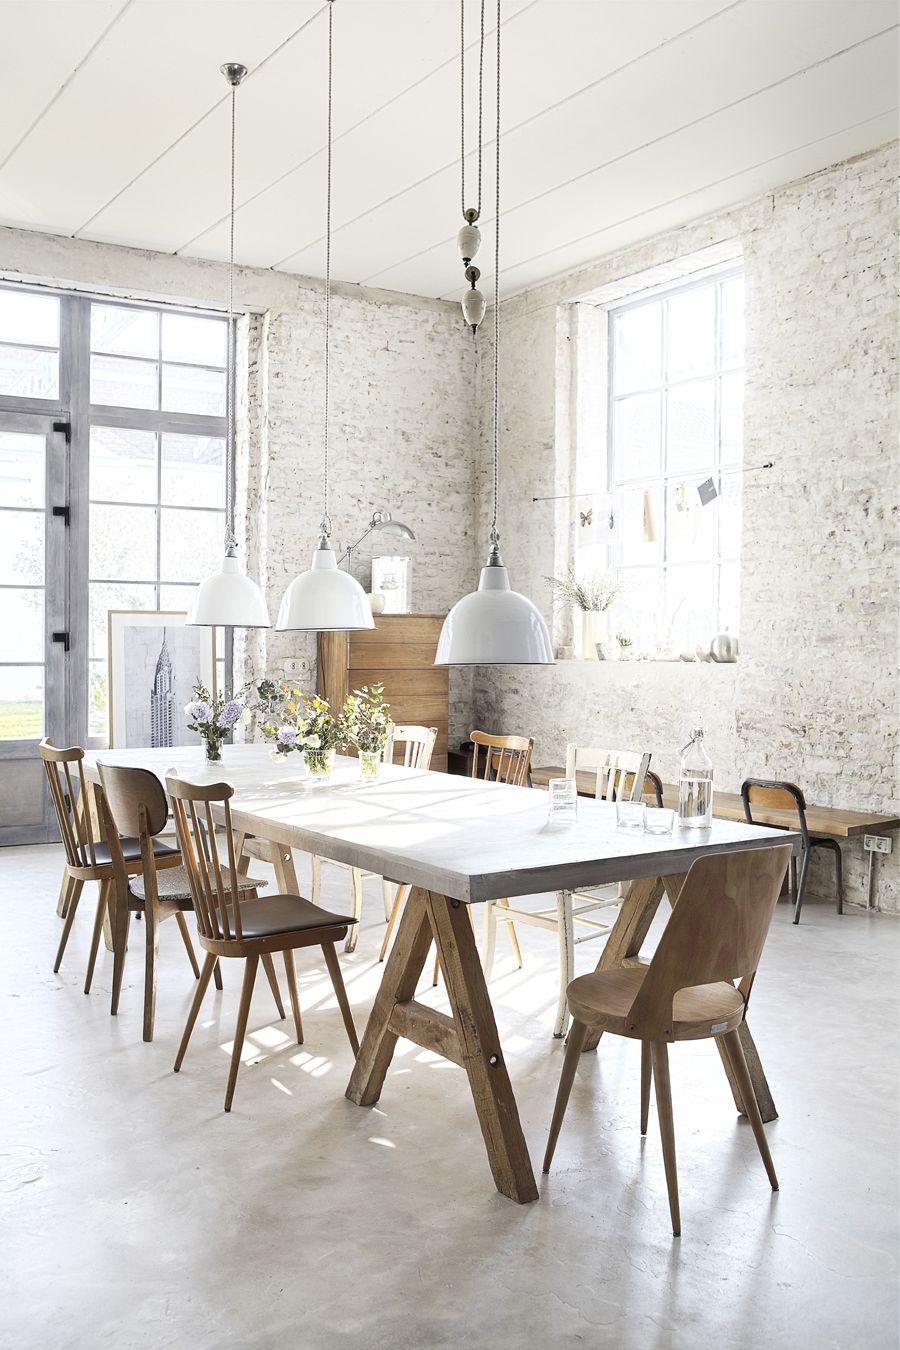 ambiance industrielle pr s de lille en 2019 loft salle. Black Bedroom Furniture Sets. Home Design Ideas